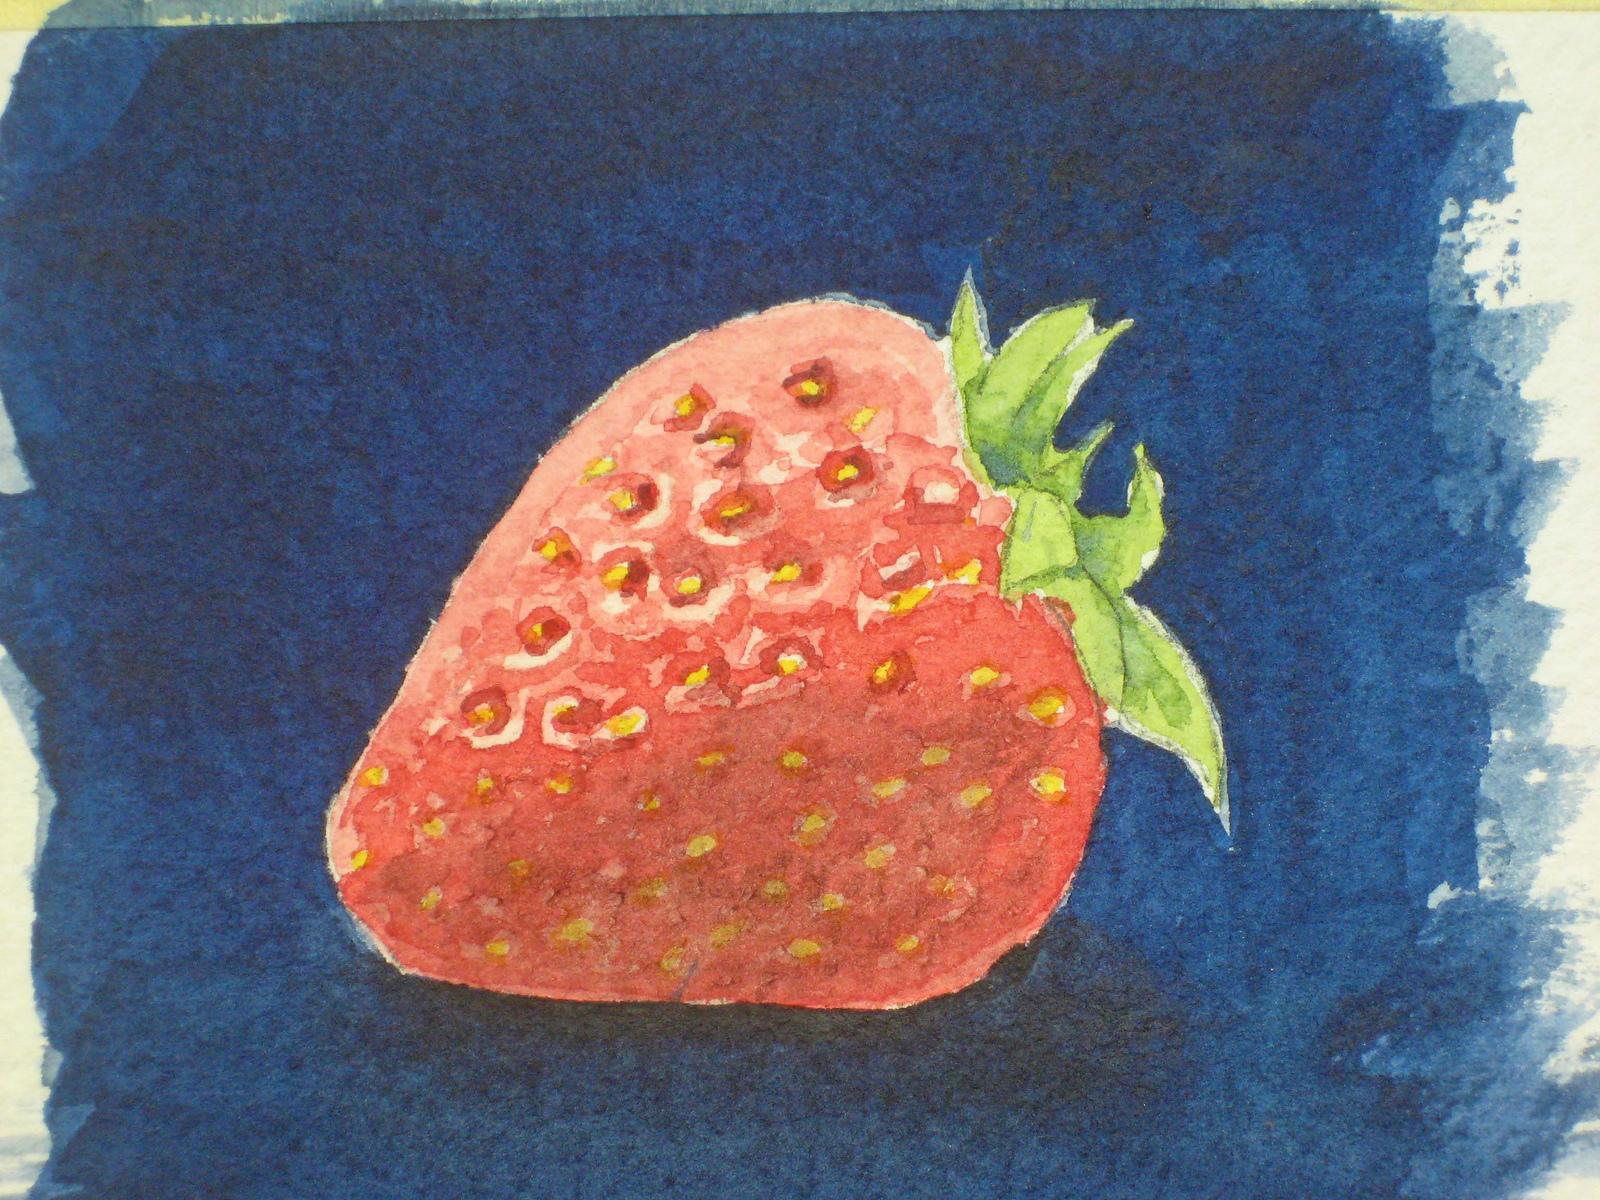 Erdbeeren Malen Früchte Malen Obst Malen Tutorial Wie Malt Man